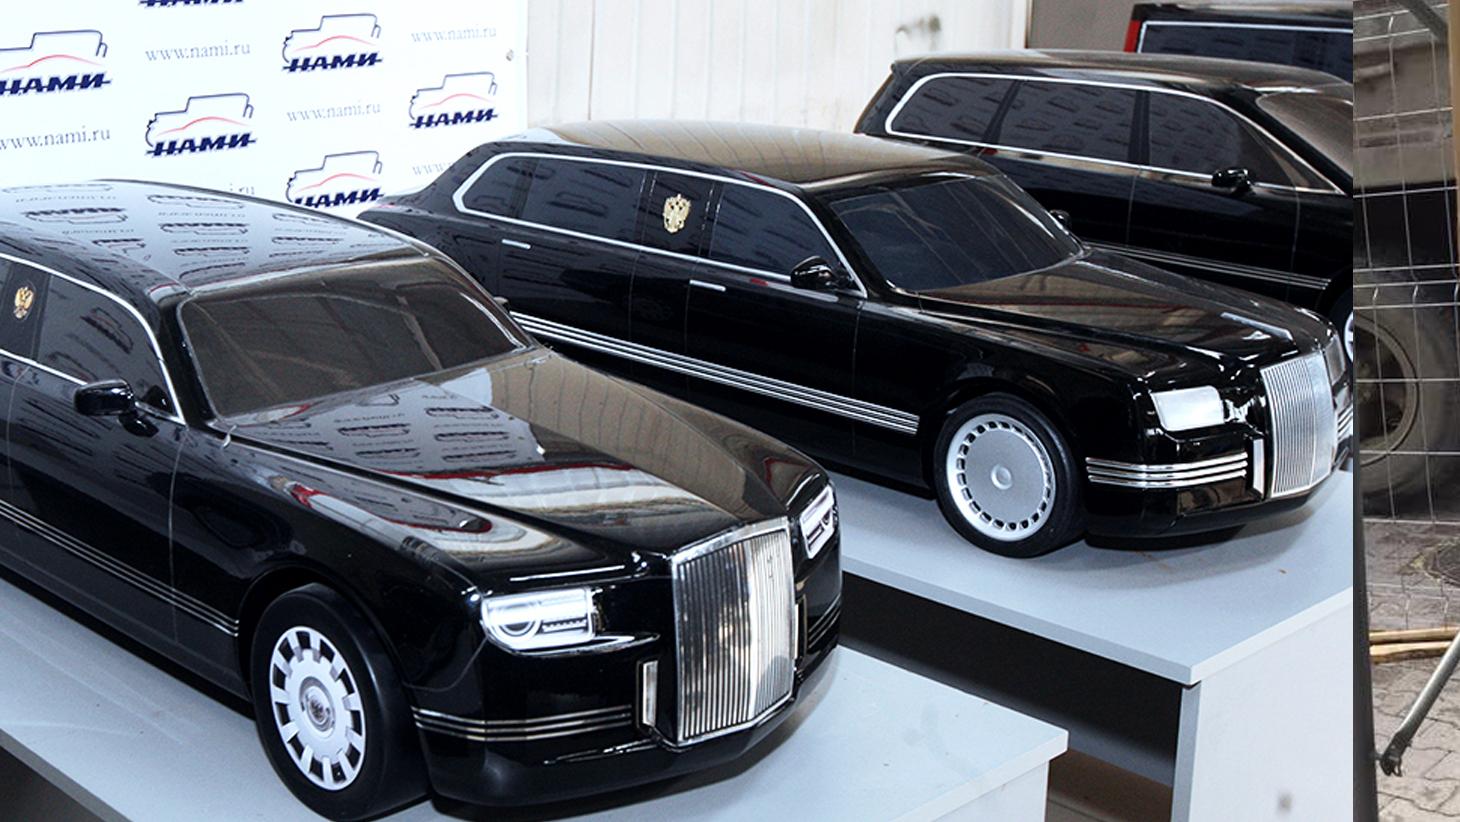 Кортеж для Владимира Путина готов. Бронированные лимузины сдадут в гараж Кремля раньше срока